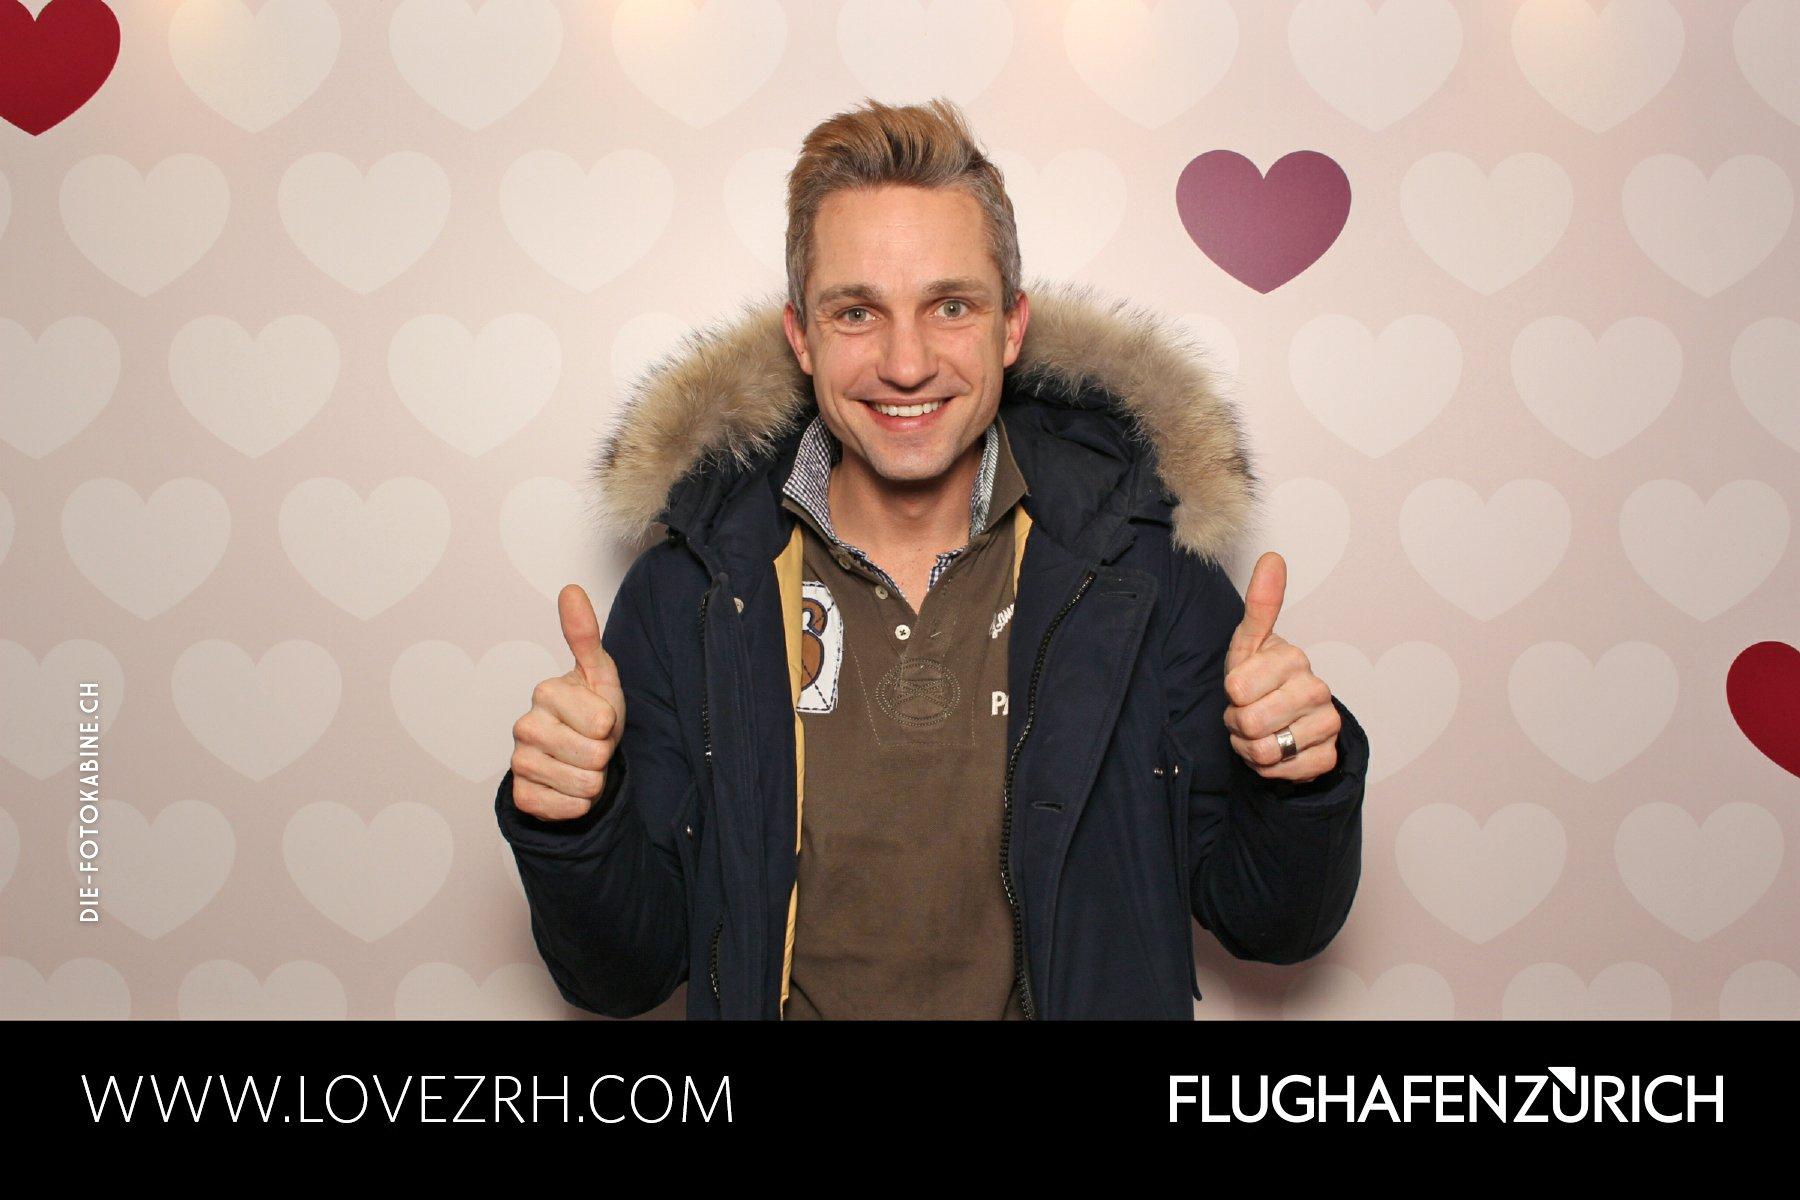 Beispielfoto-Fotobox-Zurich-Flughafen